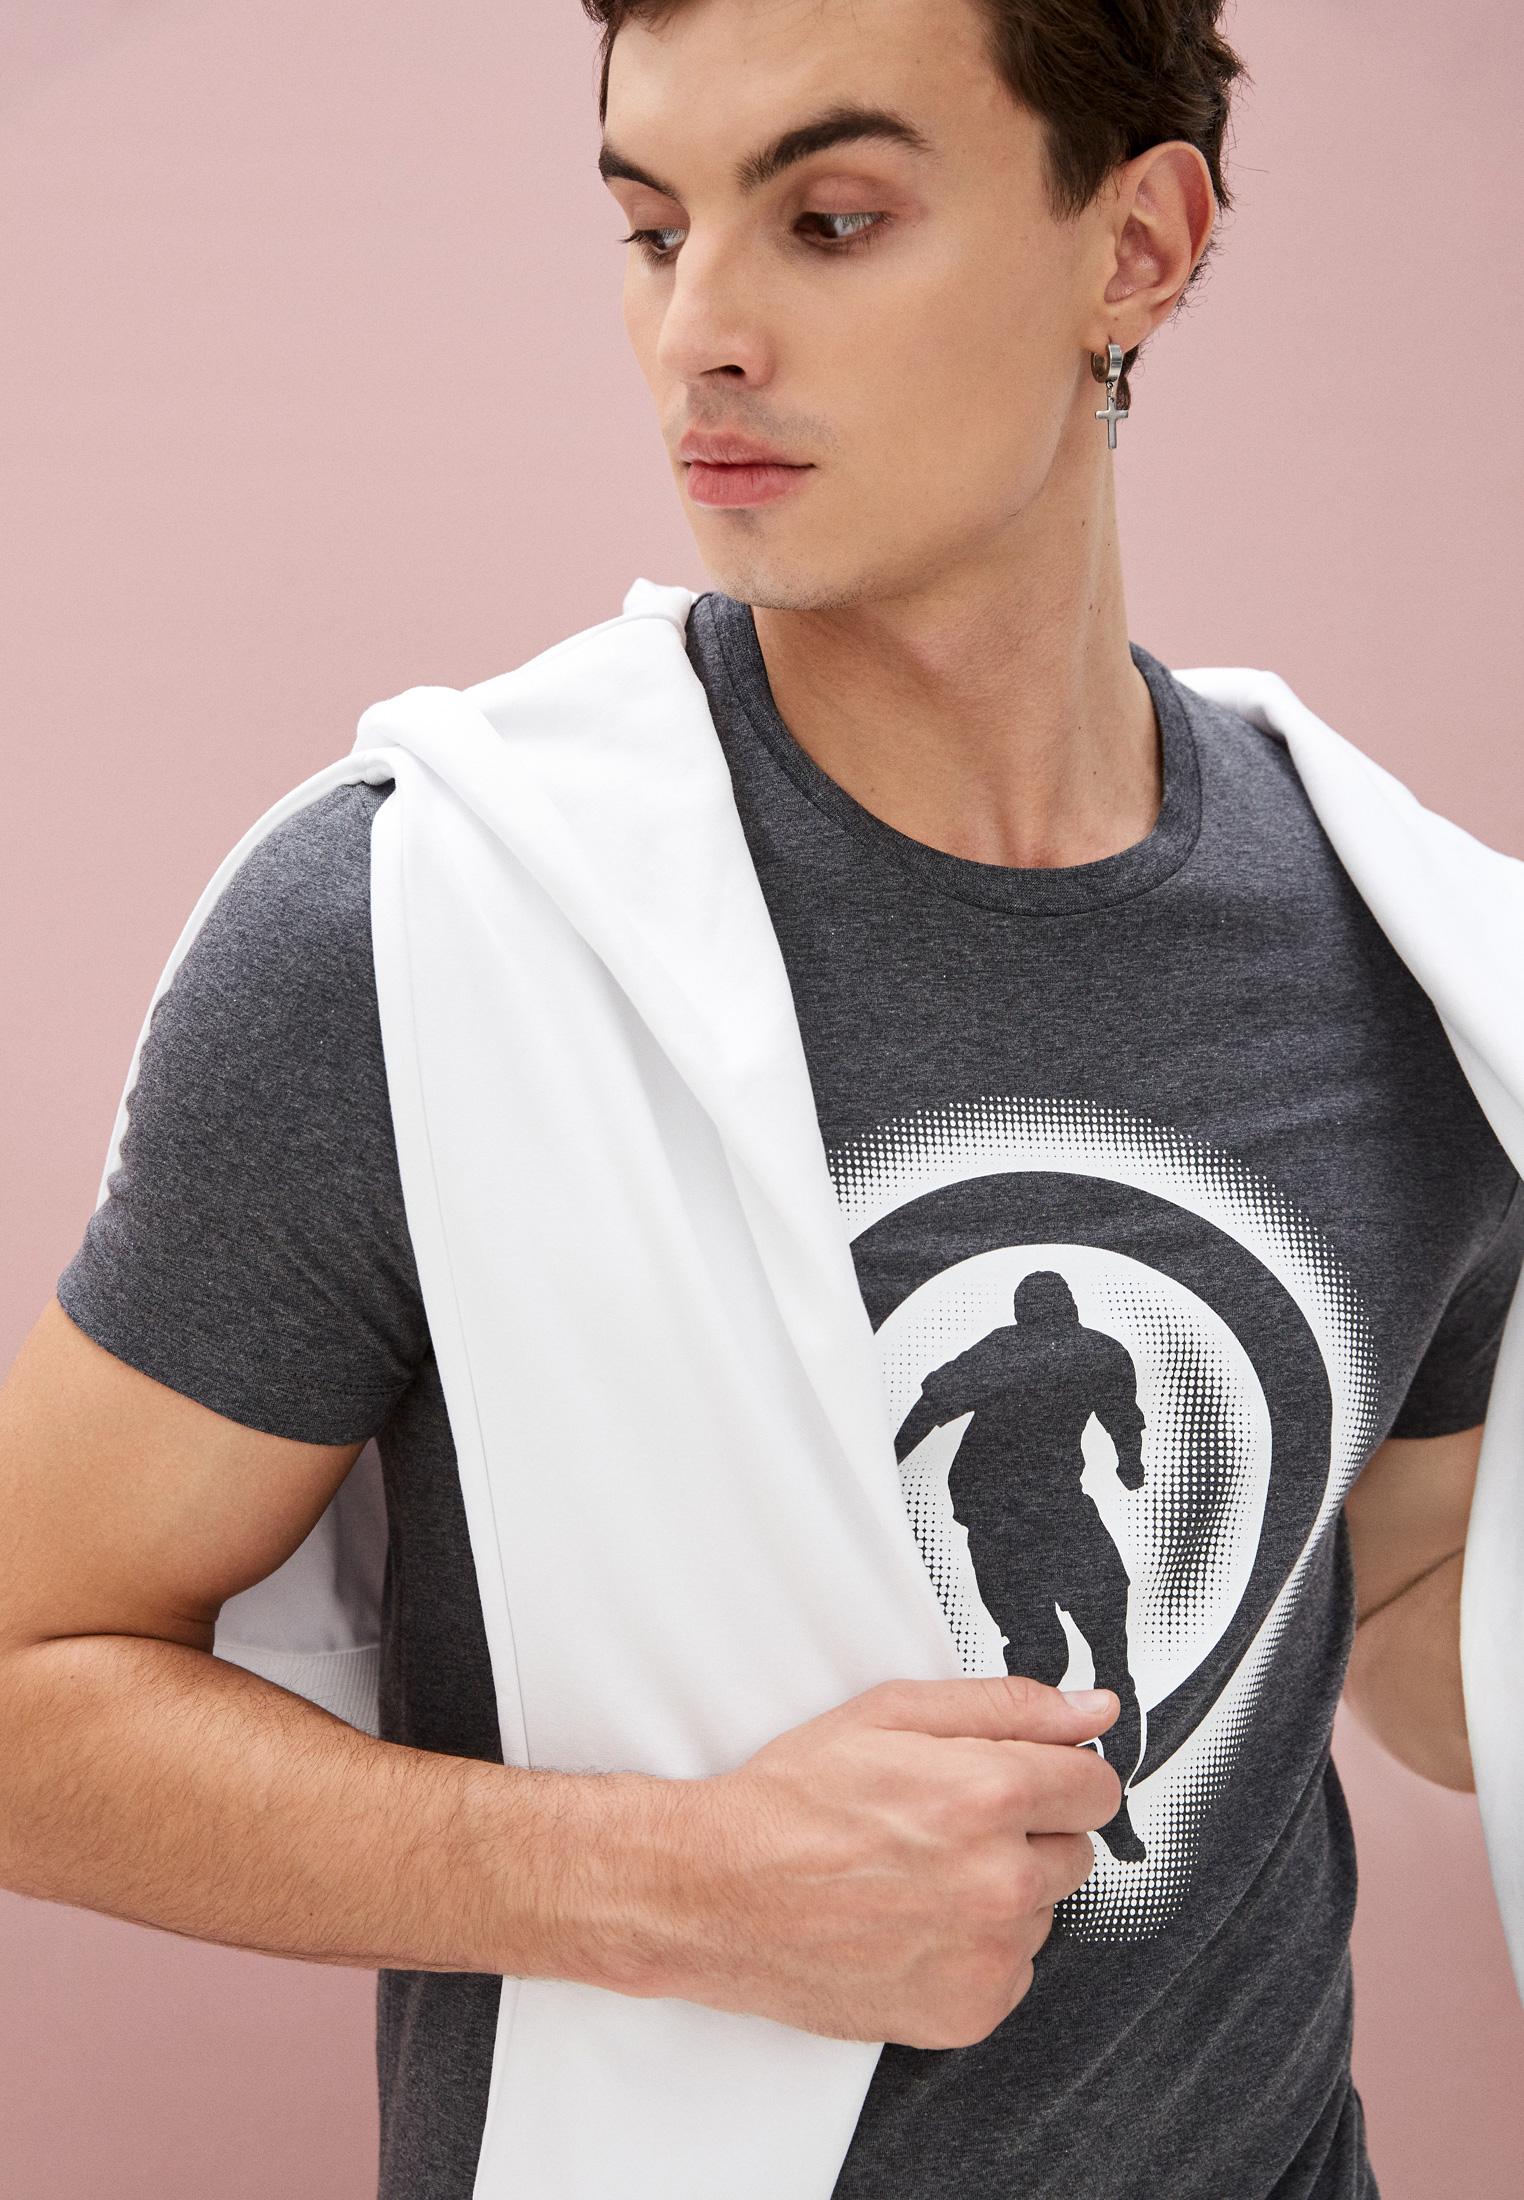 Мужская футболка Bikkembergs (Биккембергс) C 7 021 1T E 1814: изображение 2